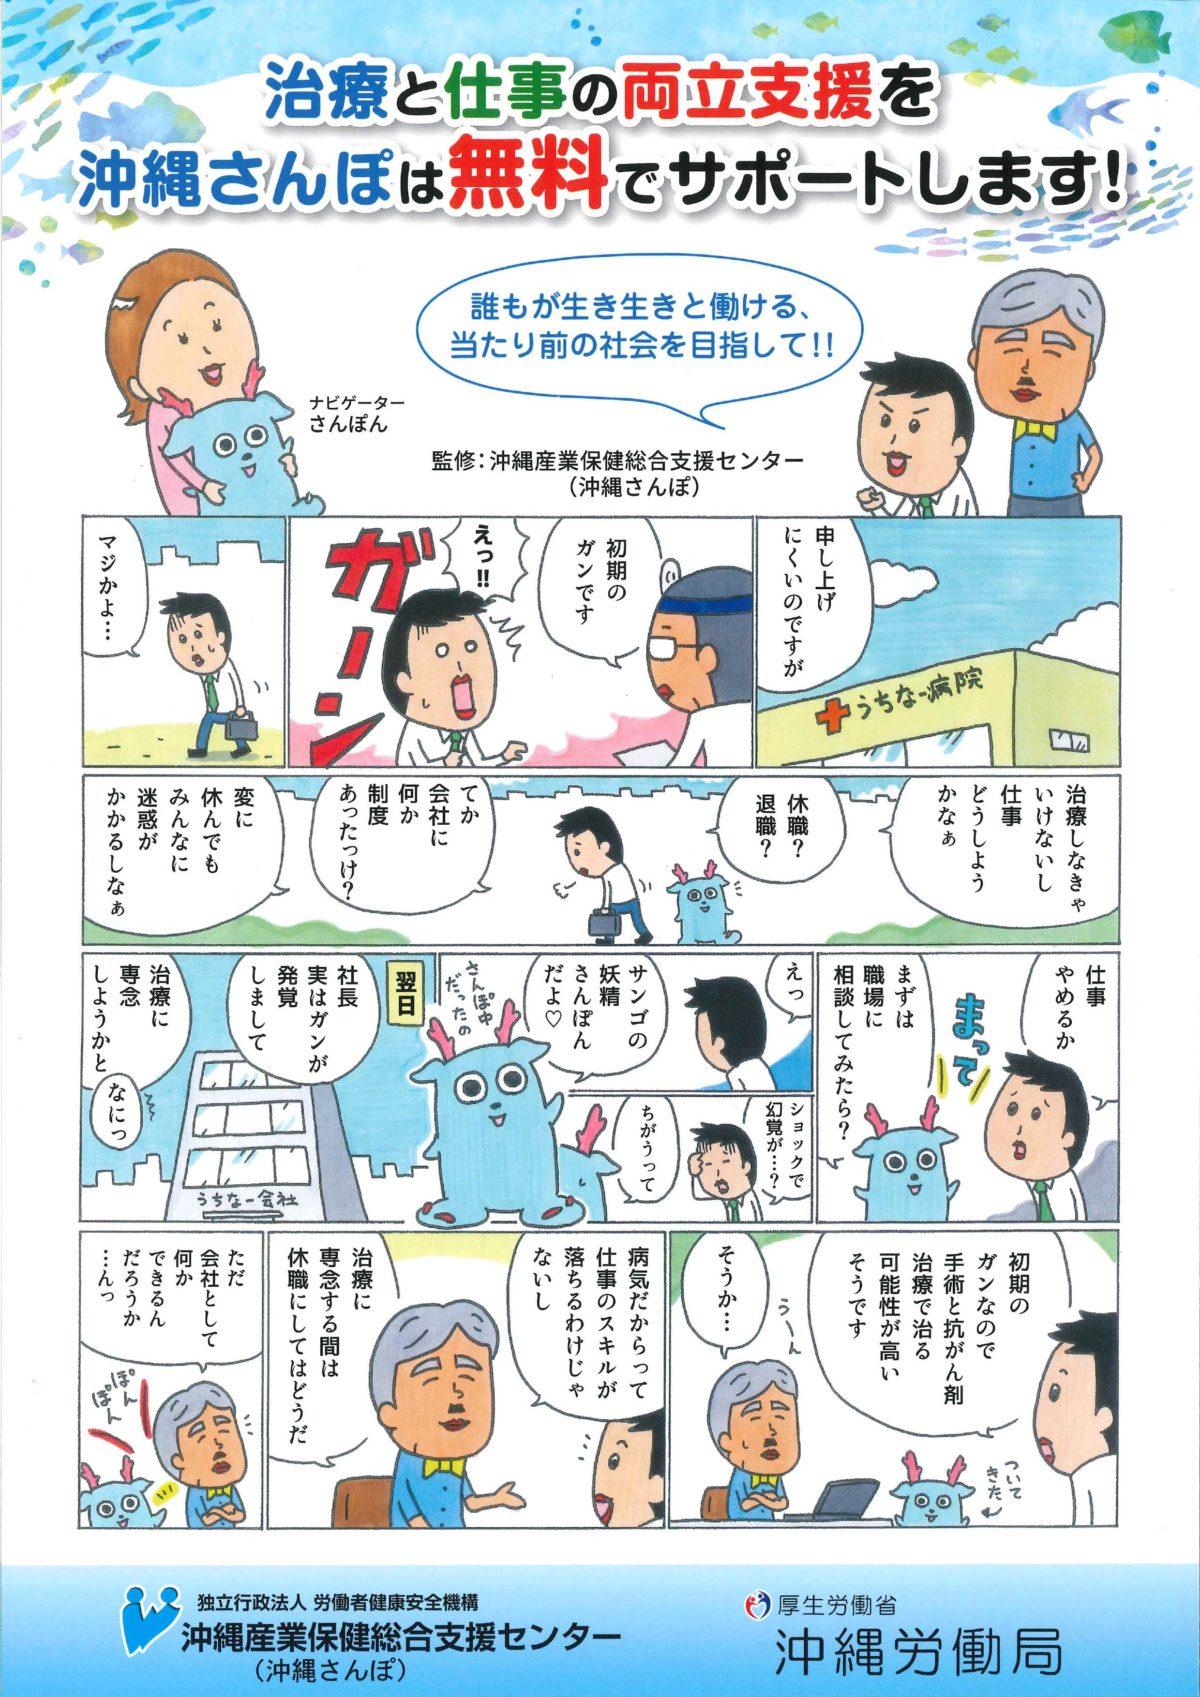 やりました! 治療と仕事の両立支援 漫画リーフレット【沖縄版】